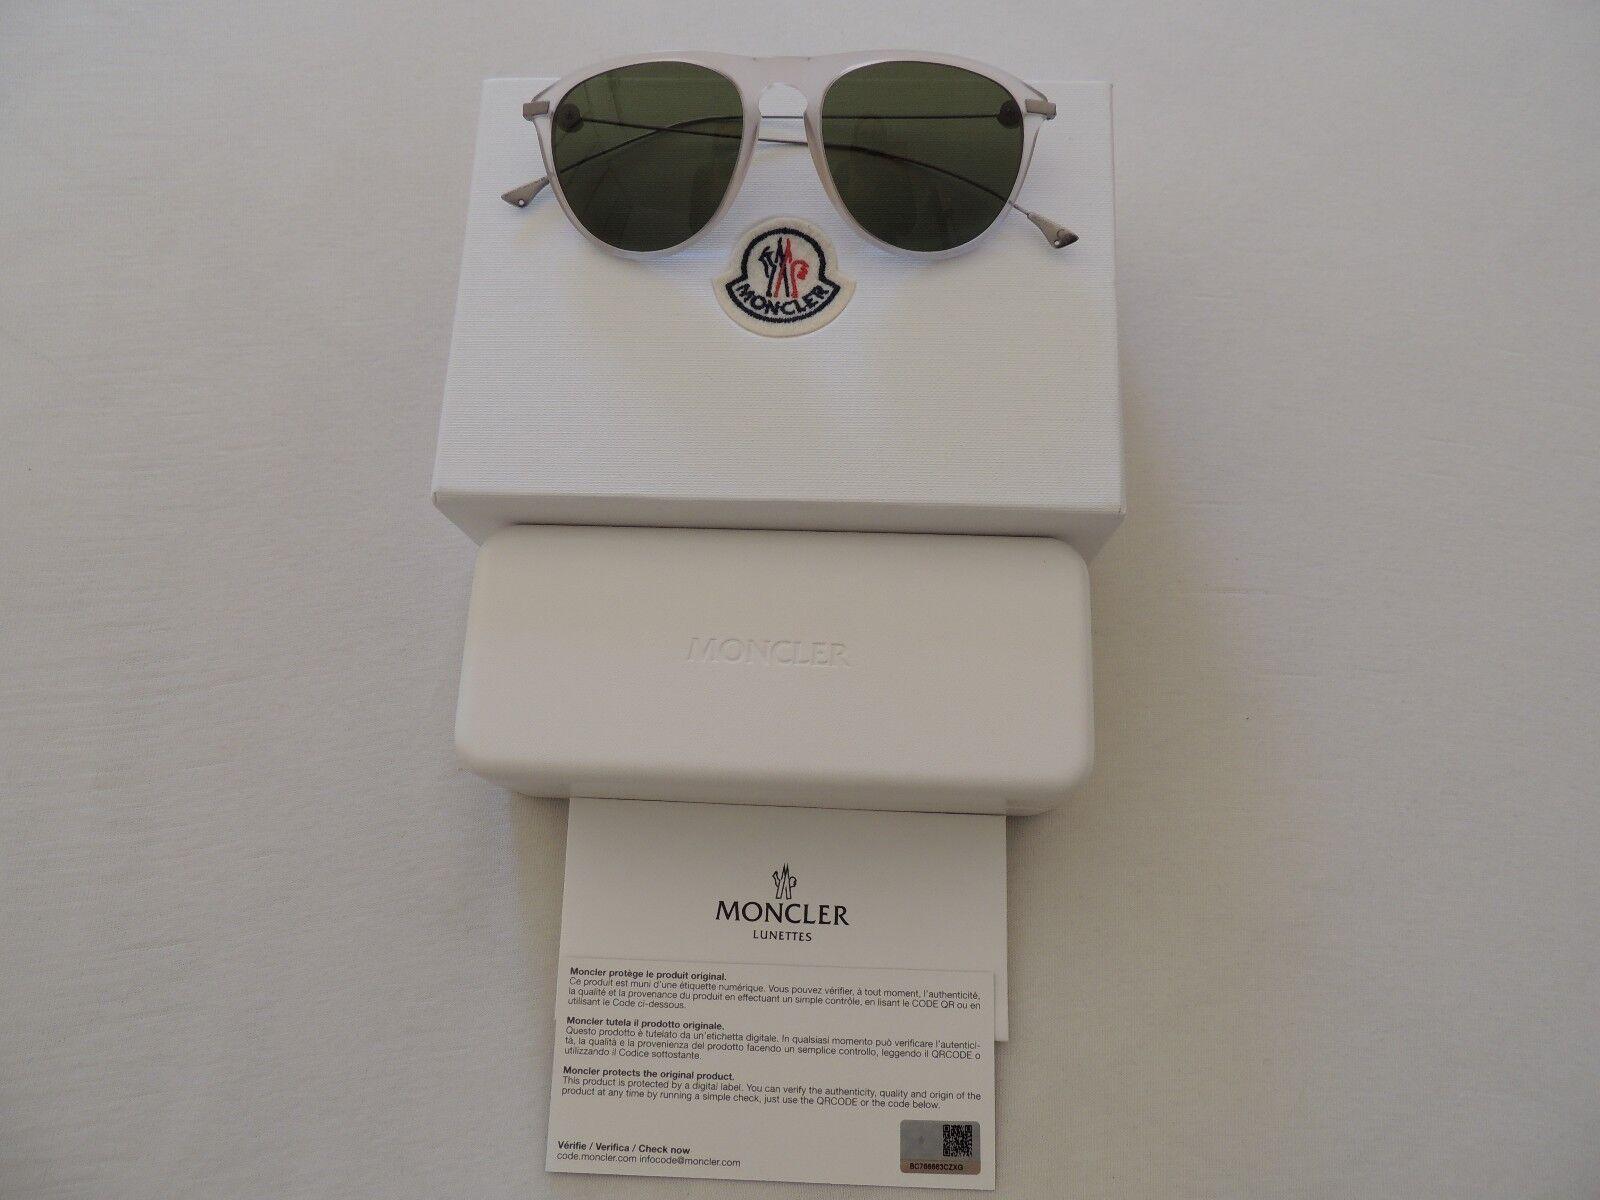 Moncler Sonnenbrille unisex Pilotenbrille für Damen   Herren        N E U           Verschiedene Stile    Lebensecht    Neuartiges Design